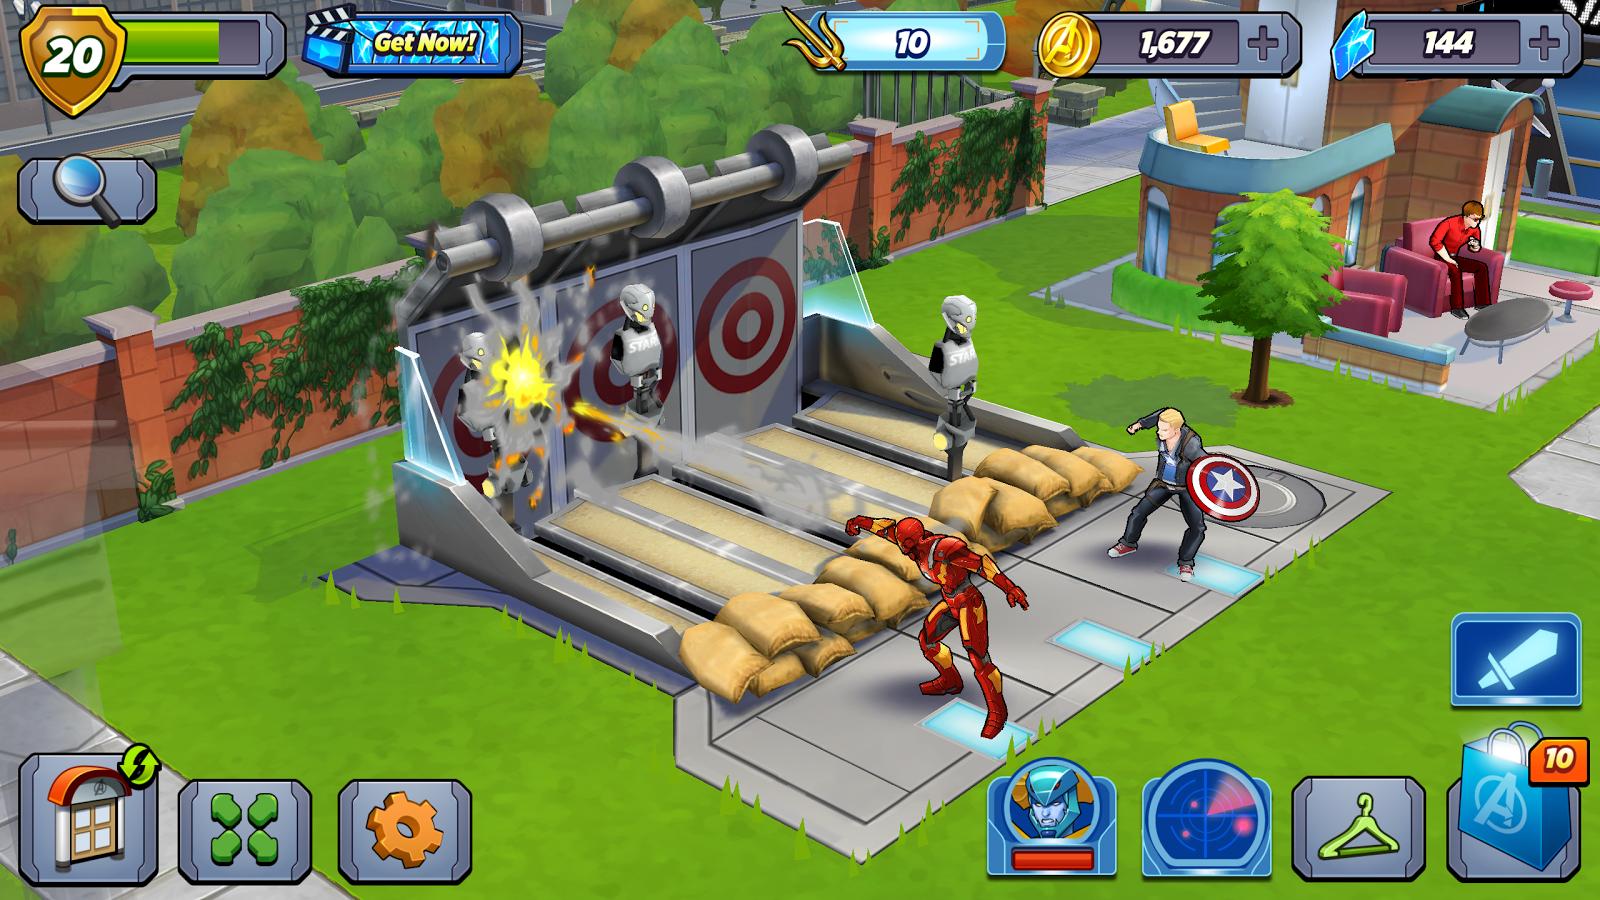 Il y a même une petite terrasse pour siroter son cocktail, sympa l'Avengers Academy.